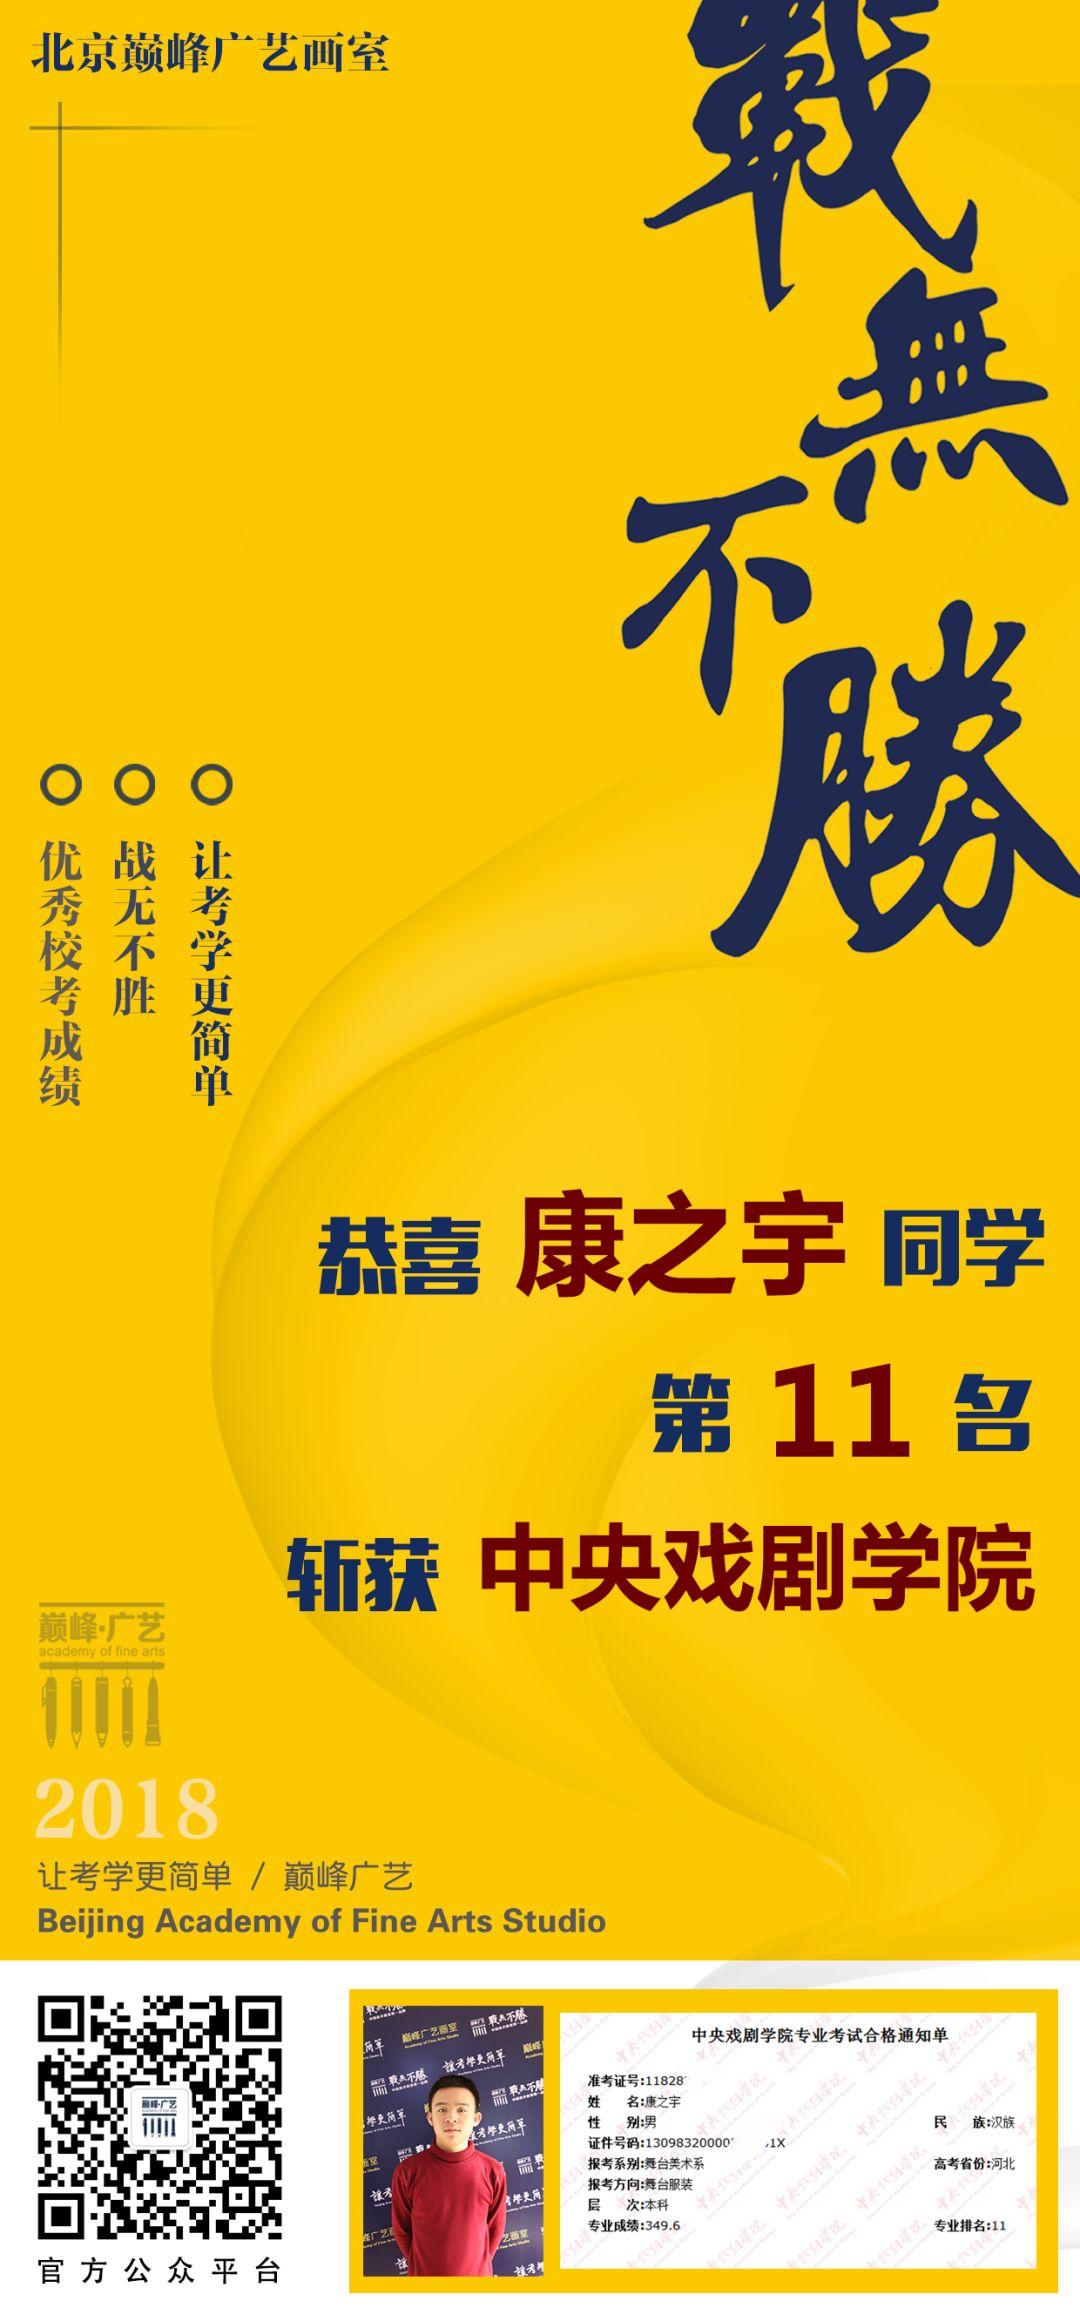 中国传媒大学,北京电影学院,中央戏剧学院,北京巅峰广艺画室       57